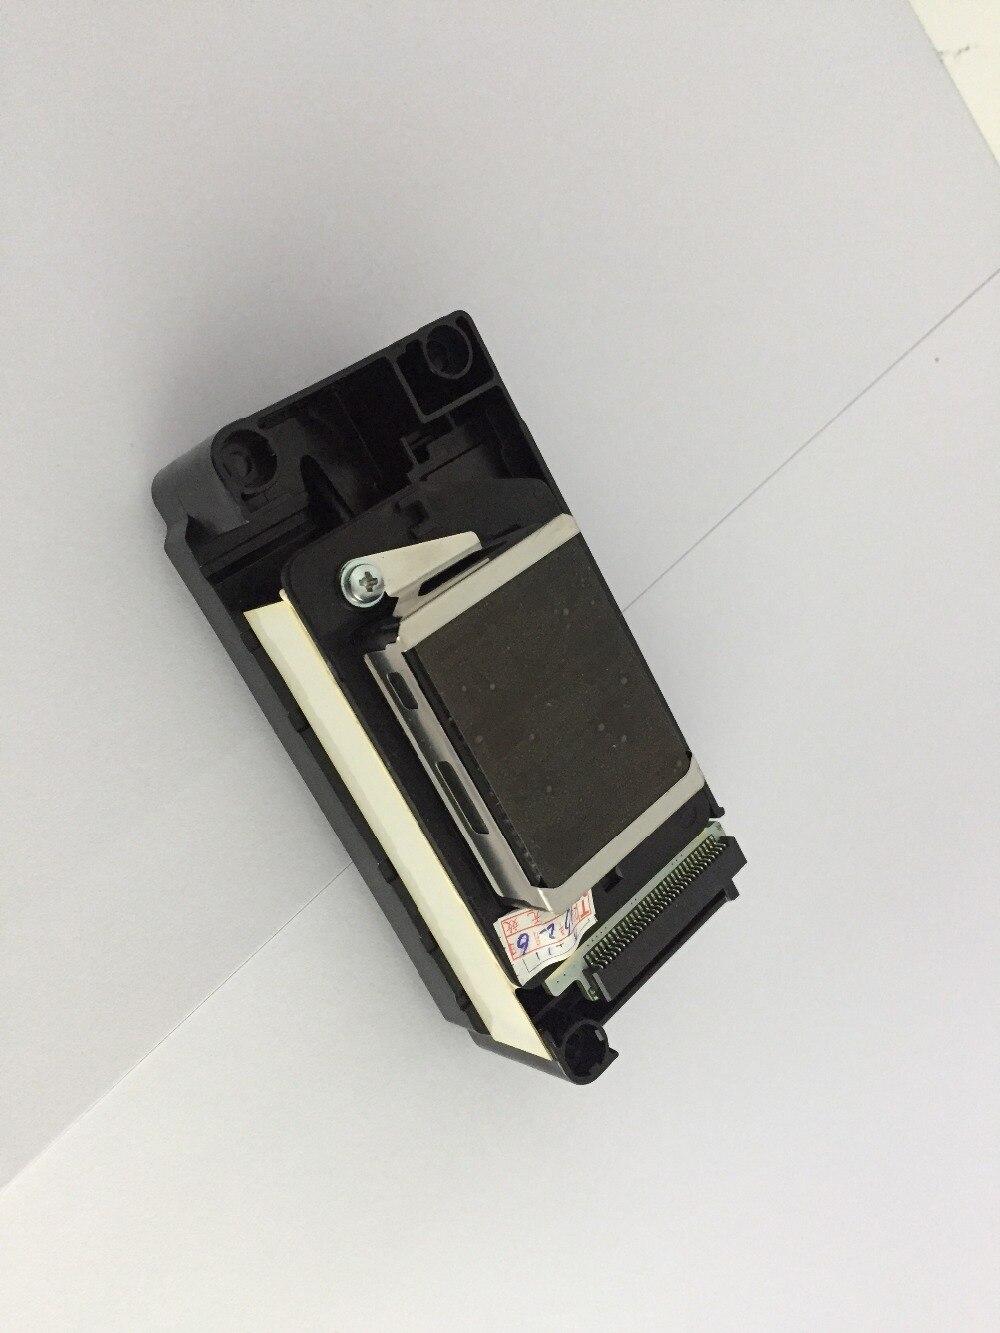 (F152000) R800 DX5-Base de Água da cabeça de impressão Original para Epson cabeça de impressão da impressora